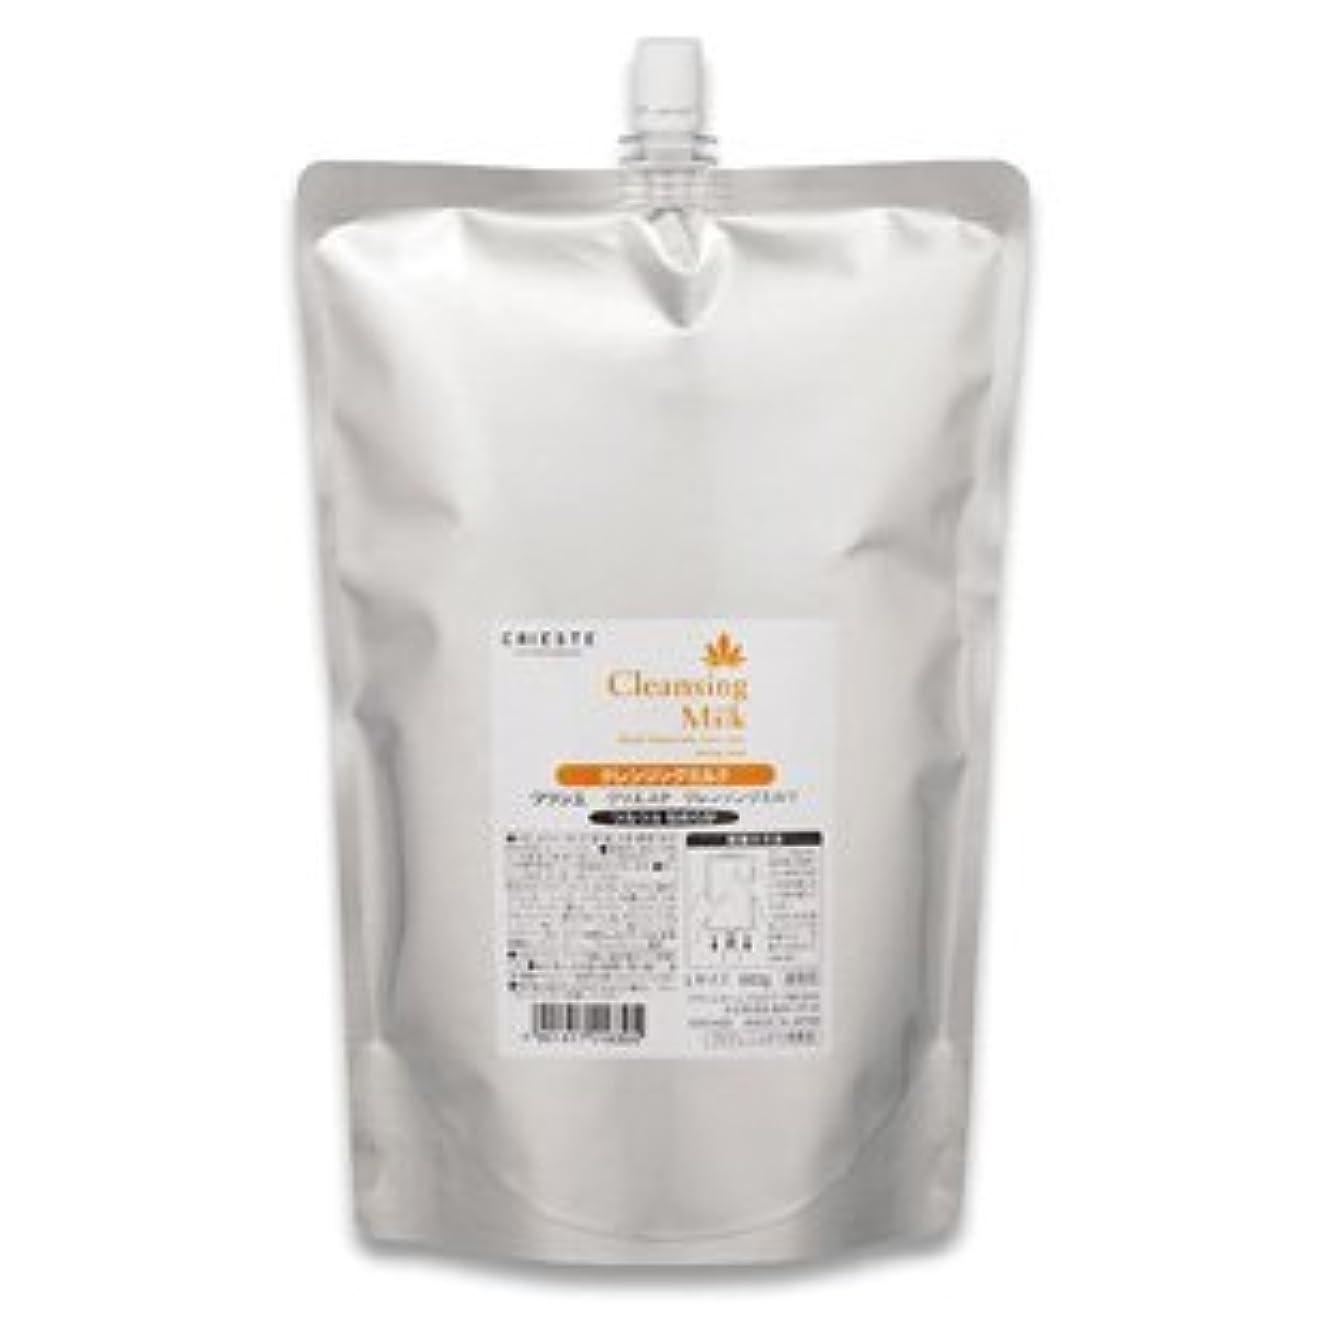 中毒基礎止まるクラシエ クリエステ クレンジングミルク 900g×2 【詰替サイズ】